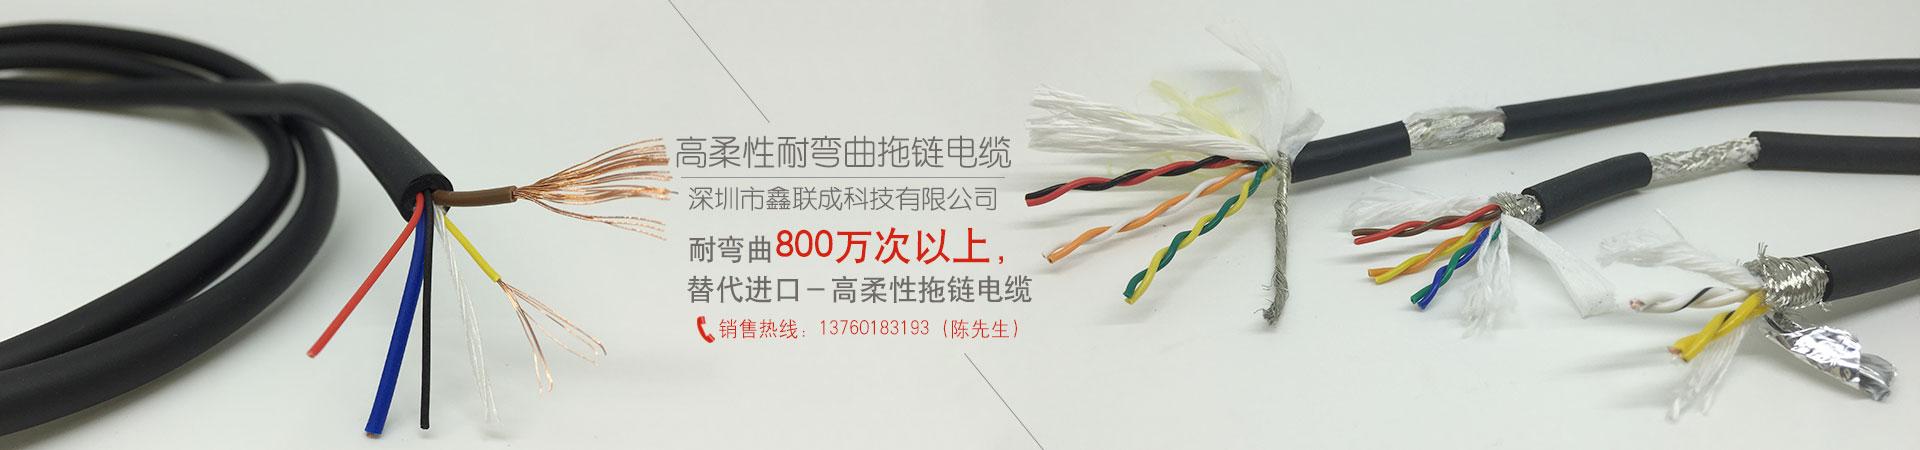 深圳高柔性拖链电缆厂家 拖链电缆现货库存